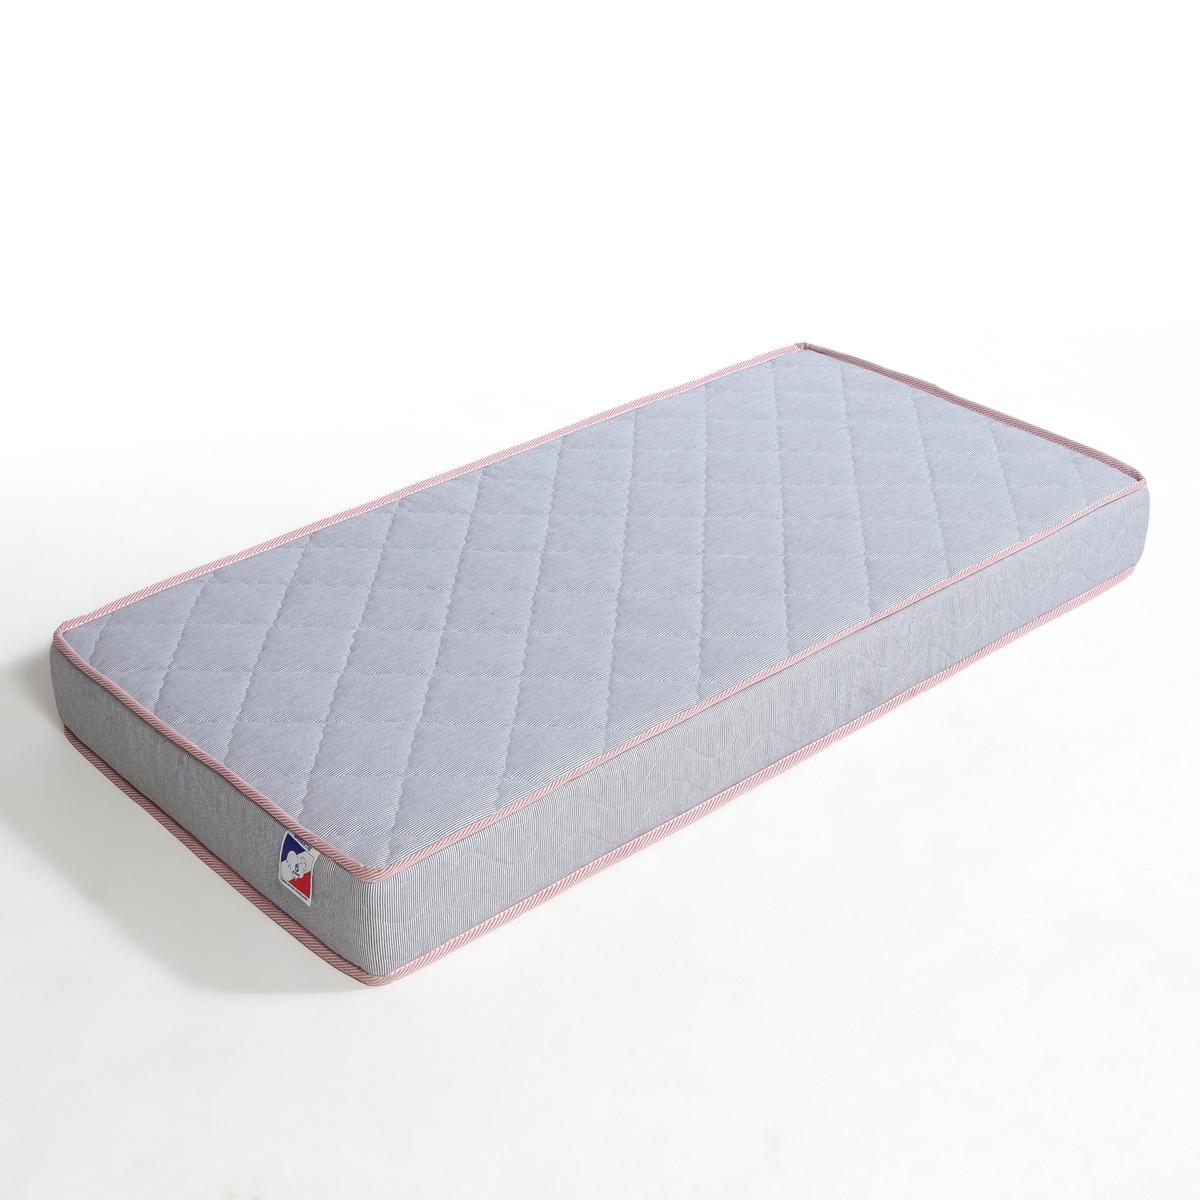 Матрас детскийУдобный матрас для средних кроватей размер 70 x 140 см : Drakar, Castou junior и Popop, которые продаются на нашем сайте .Комфорт :- Сбалансированный комфорт.Характеристики- Из полиэфирного материала плотностью 20кг/м?.Тик<br><br>Цвет: вишневая полоска